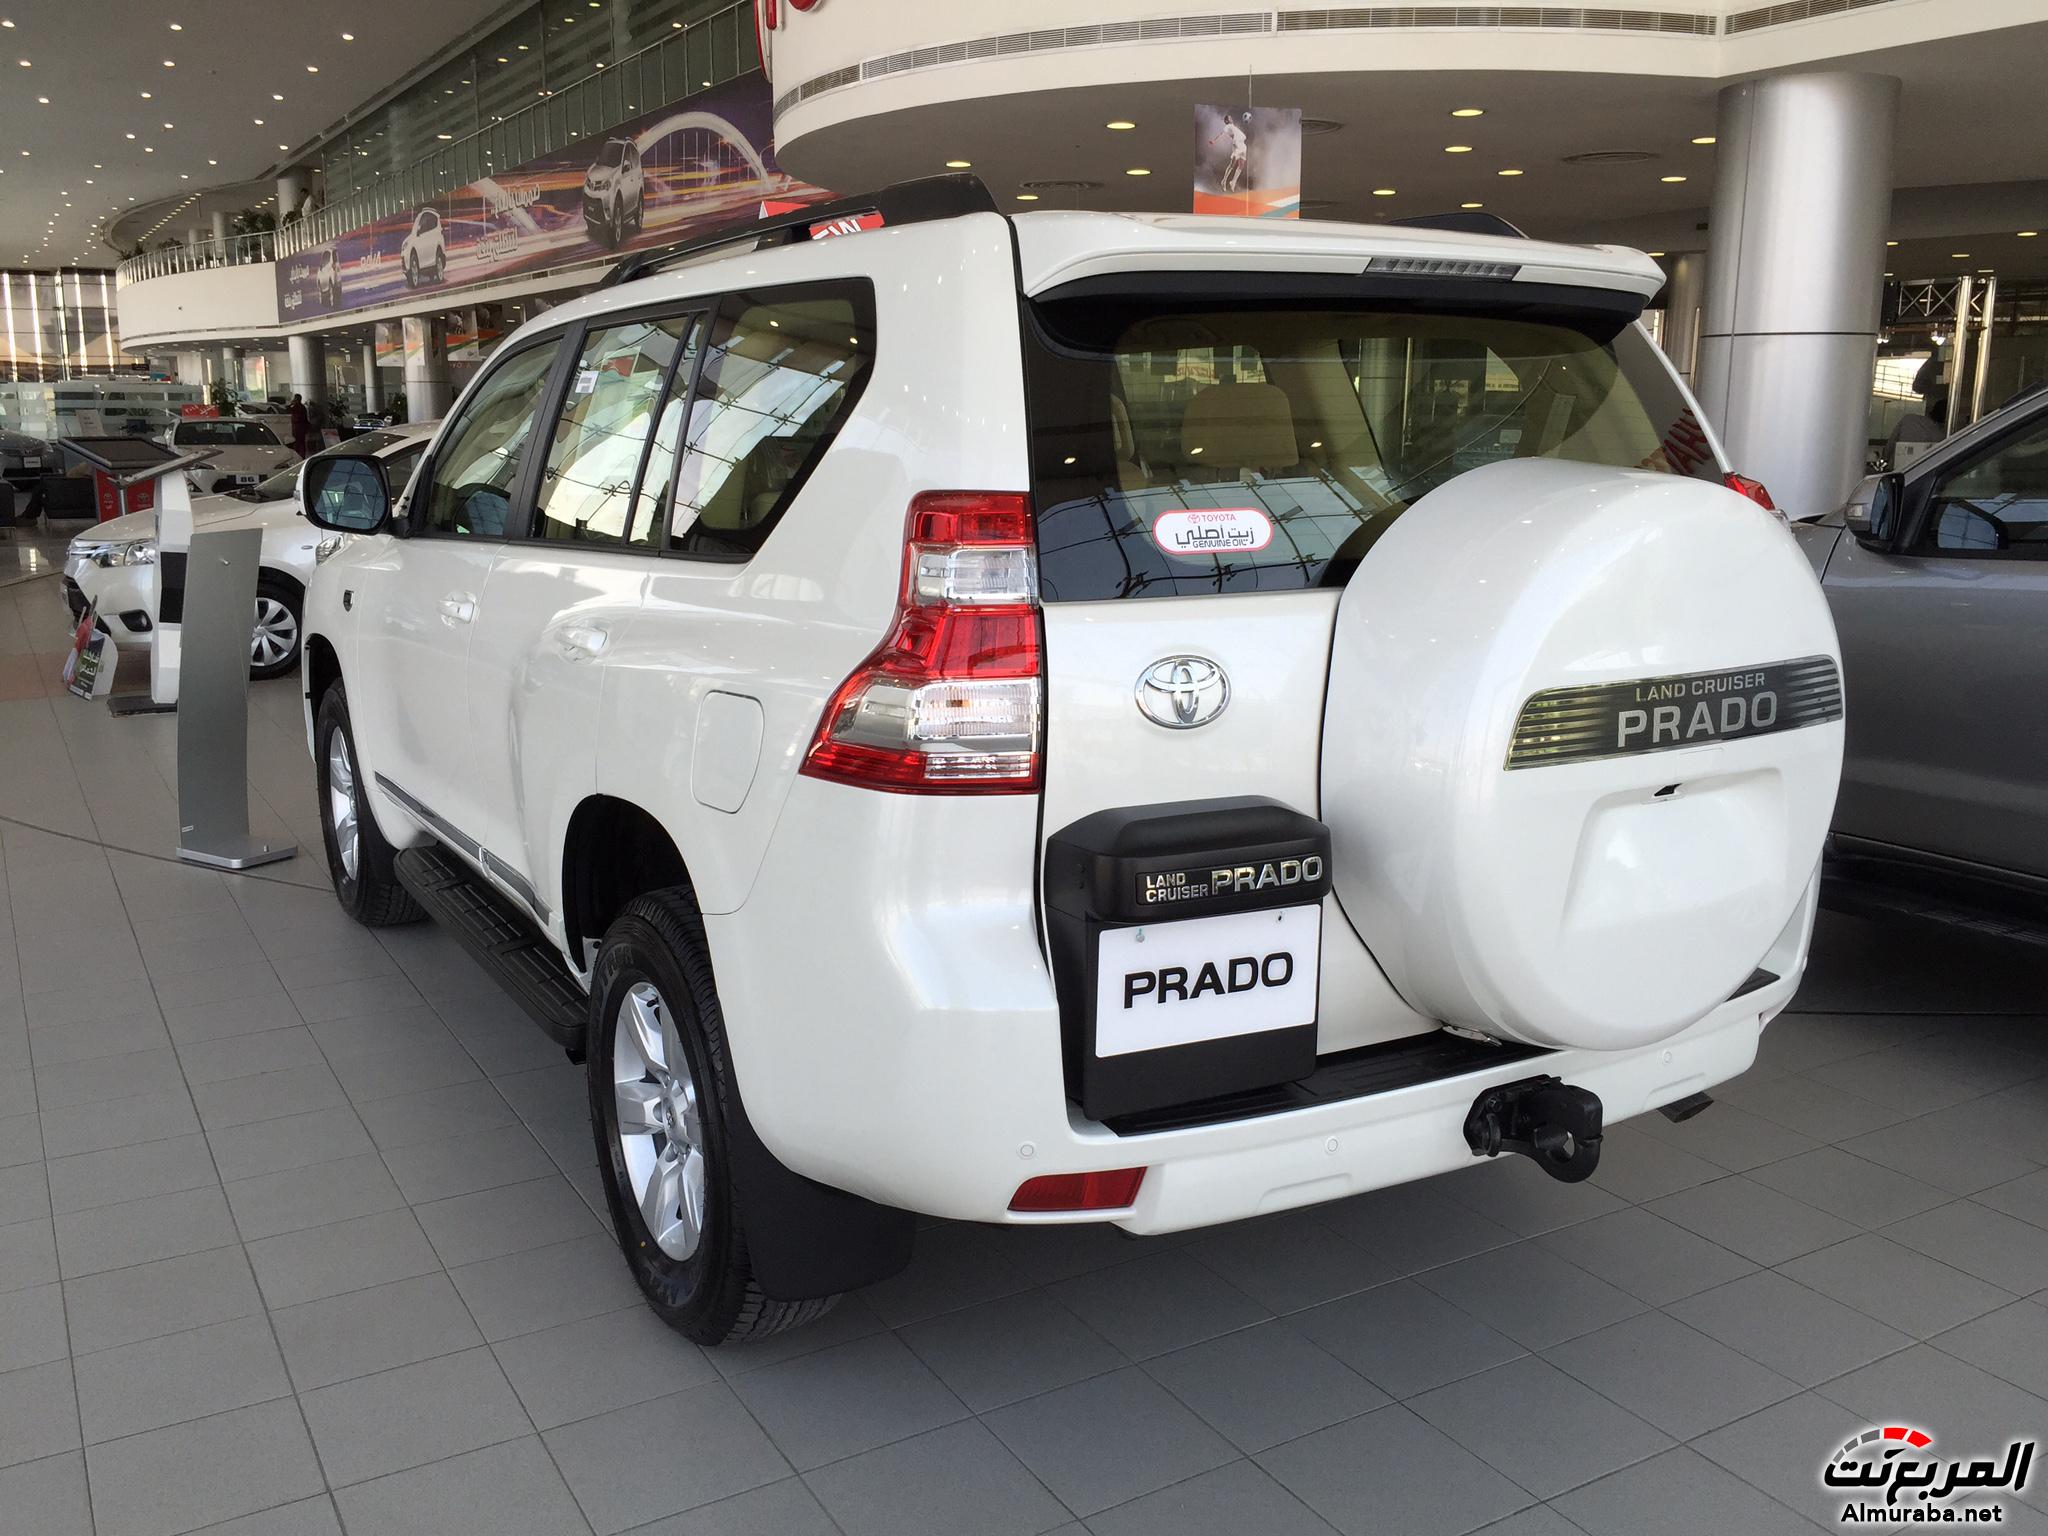 """تويوتا برادو 2015 60 عام في السعودية """"فيديو ومواصفات واسعار"""" Toyota Prado   المربع نت"""